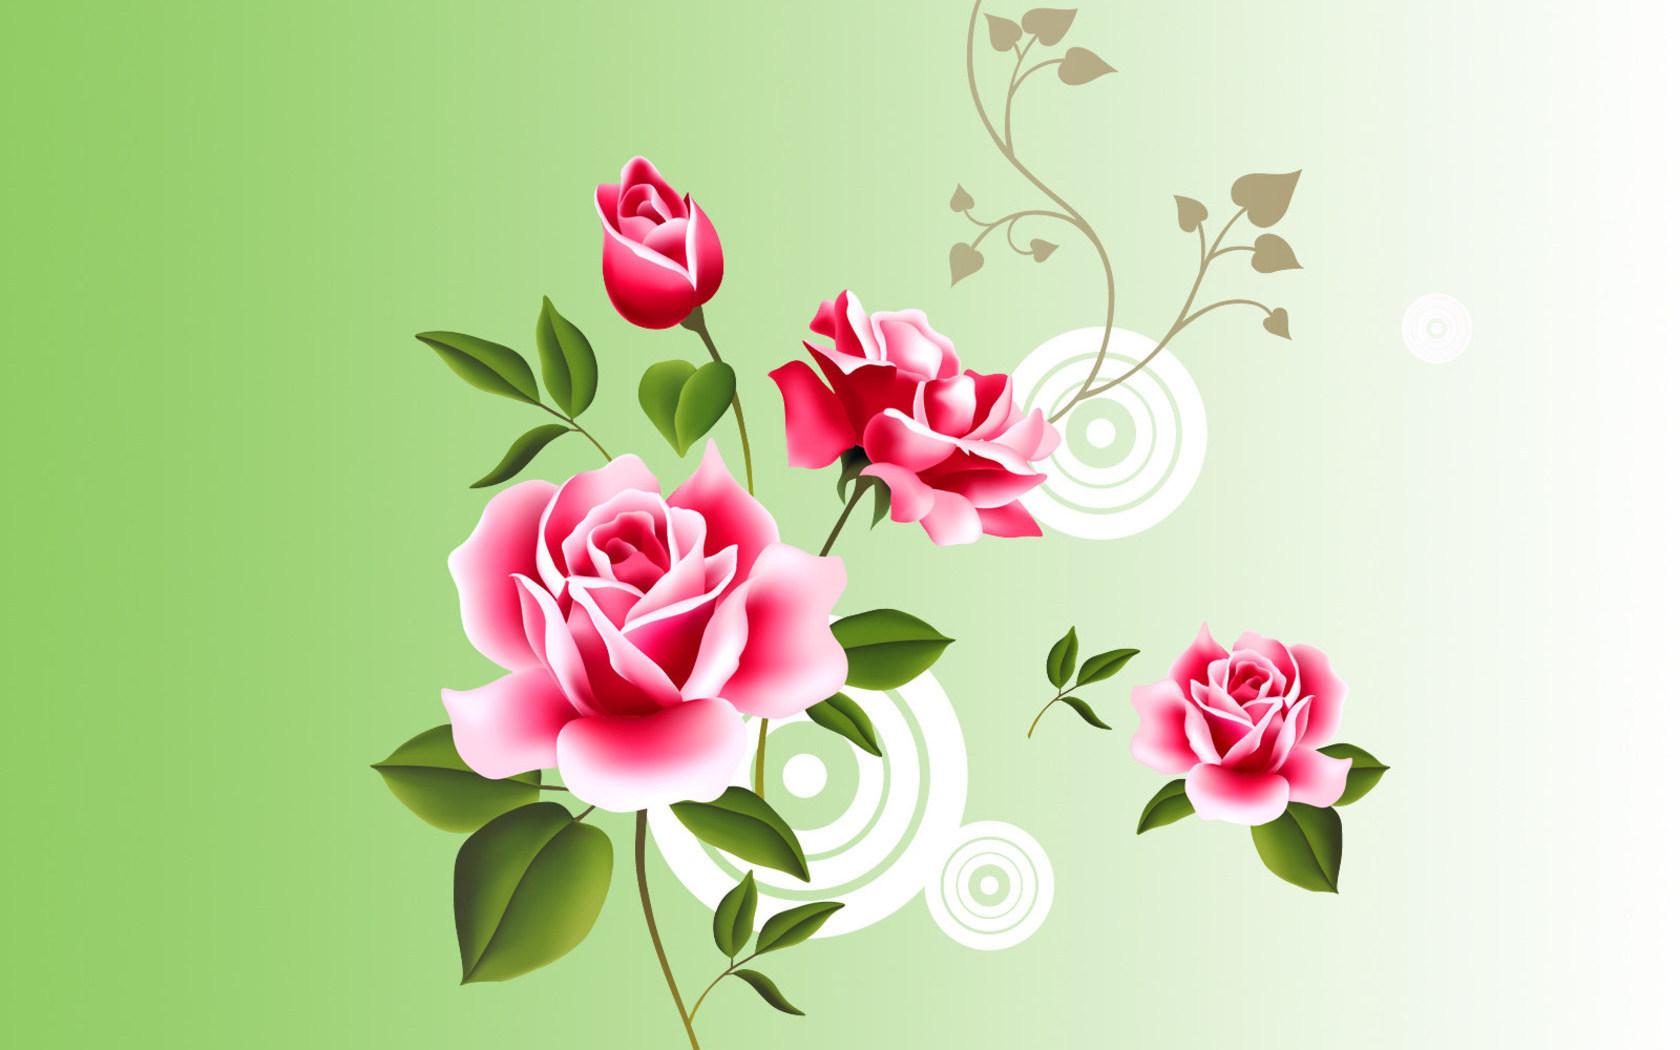 нарисованные розы обои для рабочего стола № 480913 бесплатно